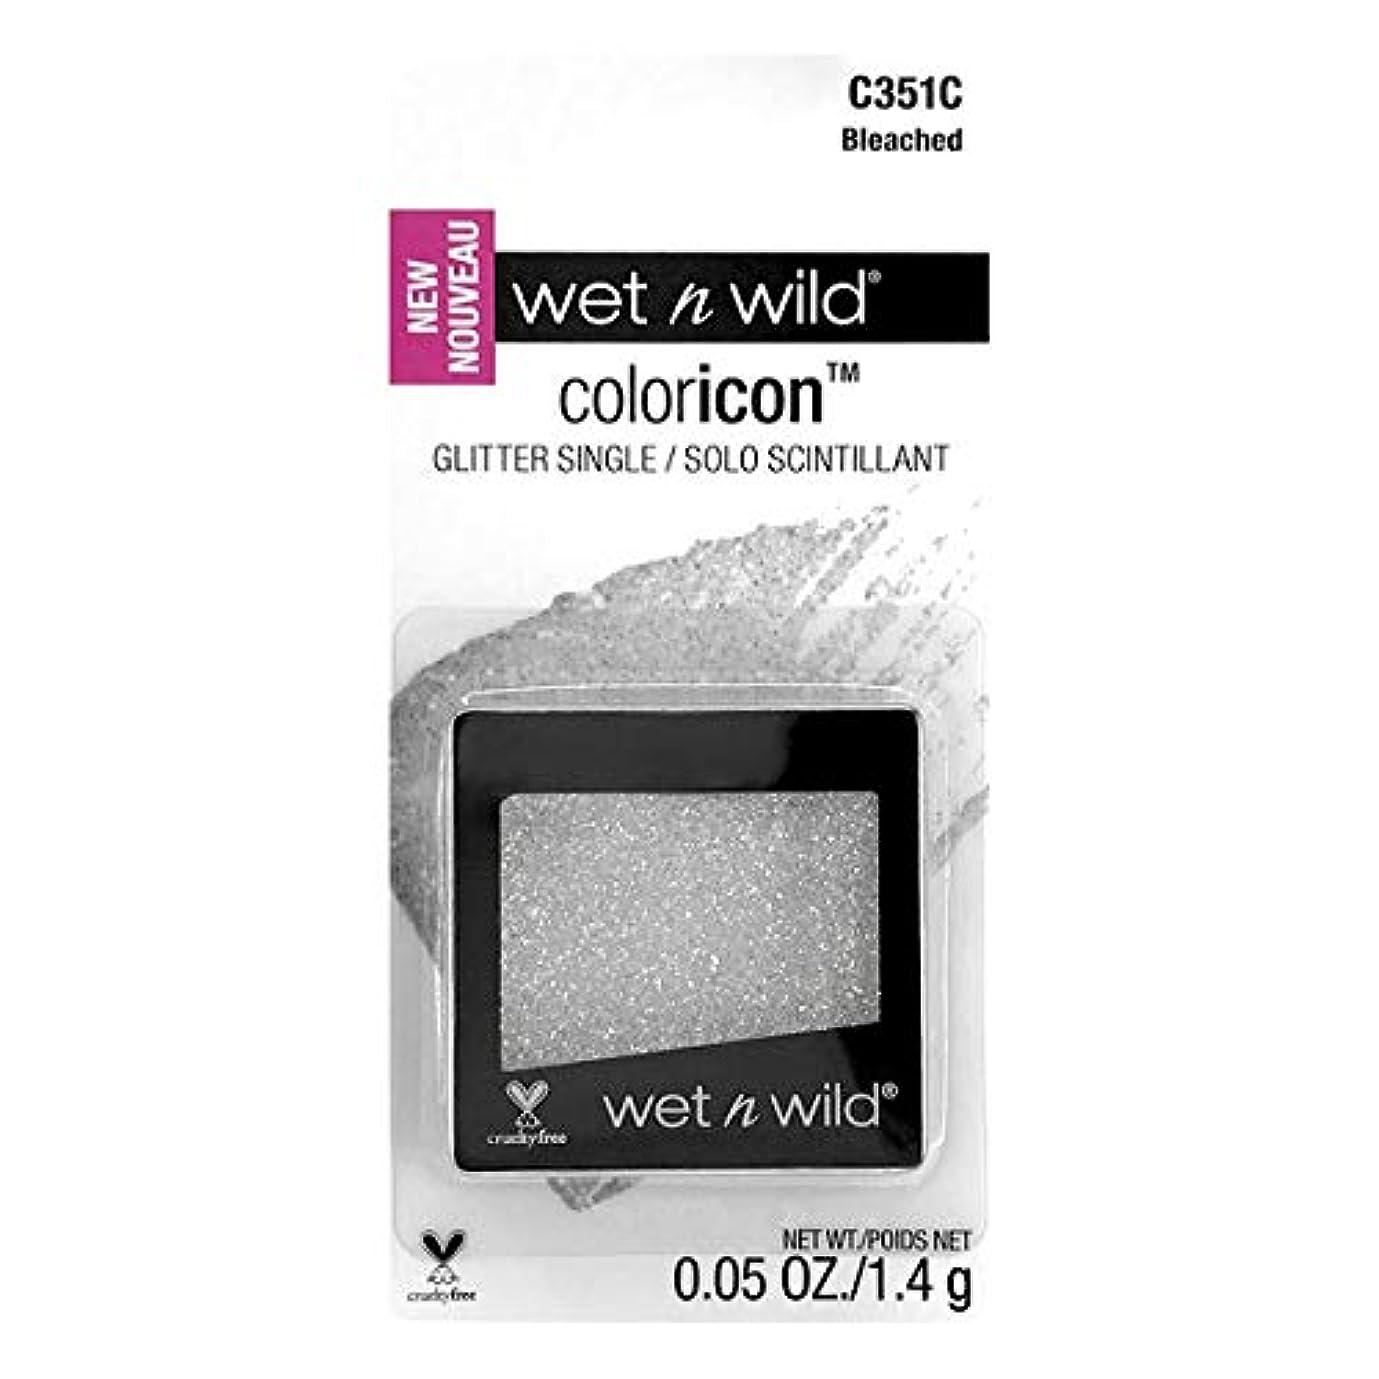 消費する旋律的まさにWET N WILD Color Icon Glitter Single - Bleached (CARDED) (6 Pack) (並行輸入品)